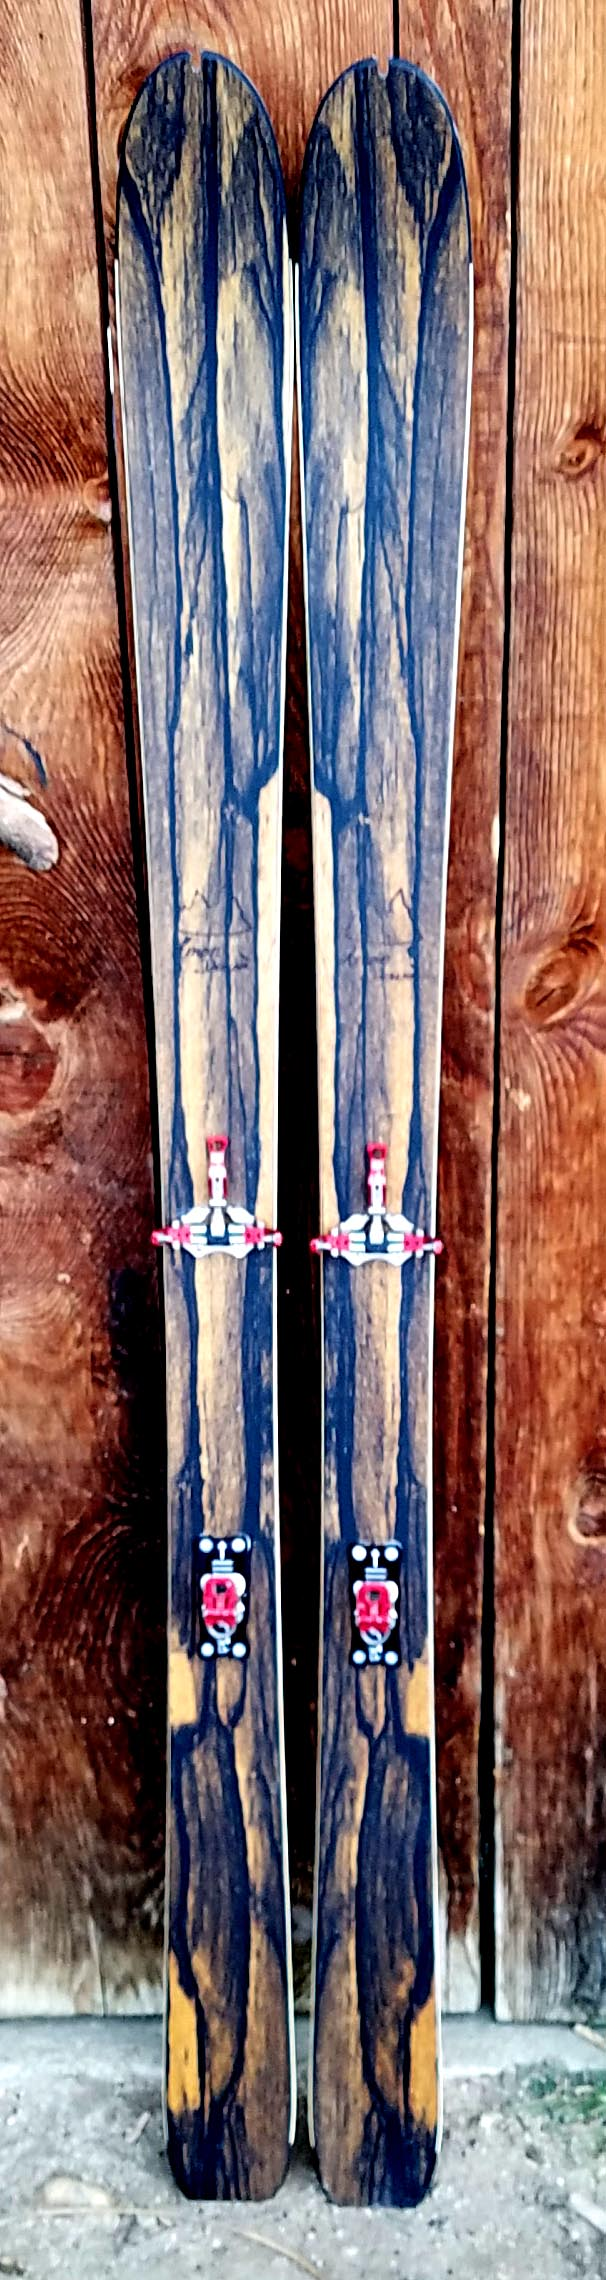 Amon Dava ski bois rando Fred ebene